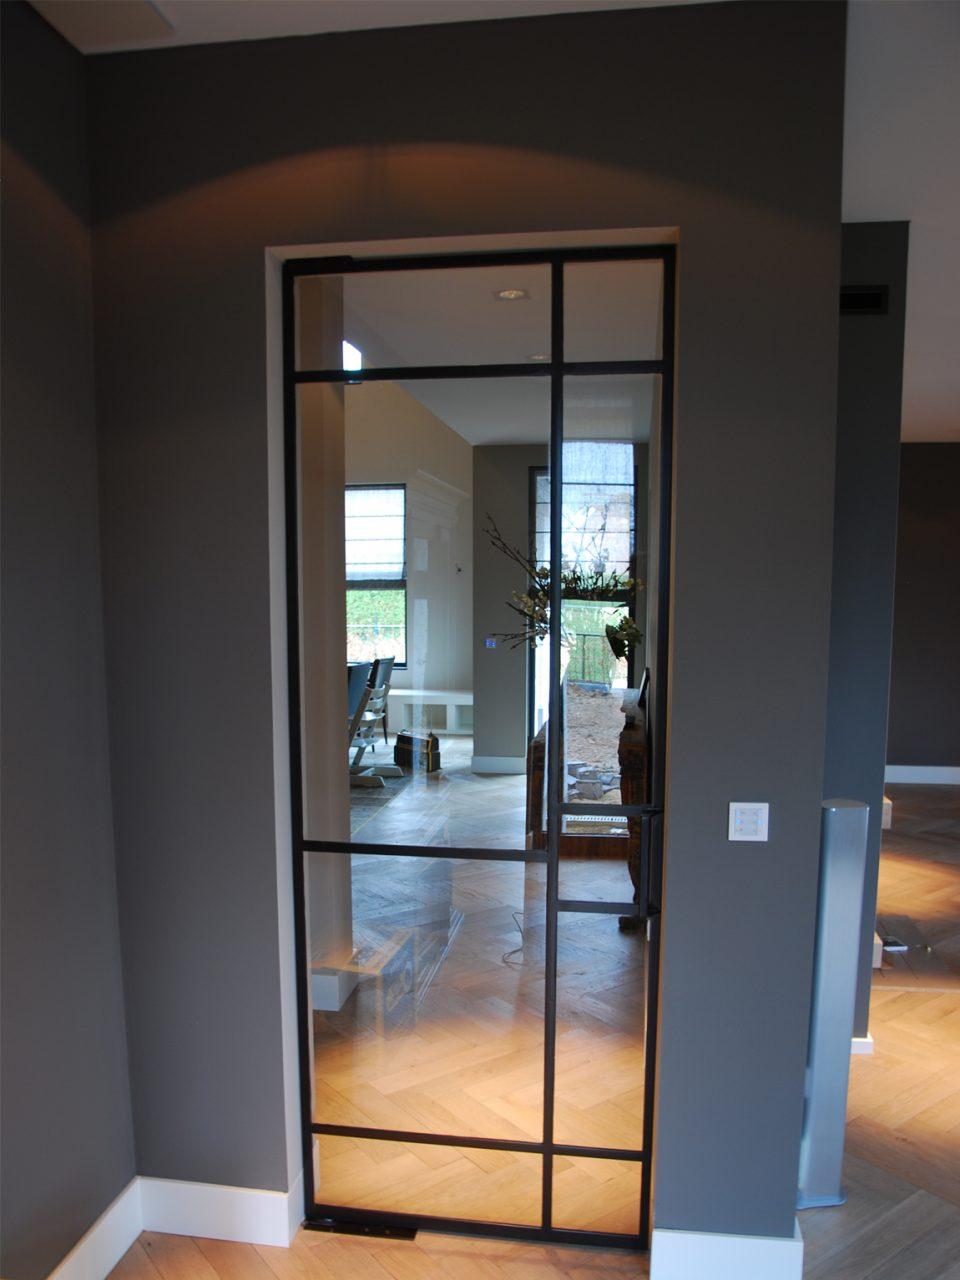 Taatsdeur op maat in moderne woning, stalen deuren gerealiseerd door Stalen Deuren Huys